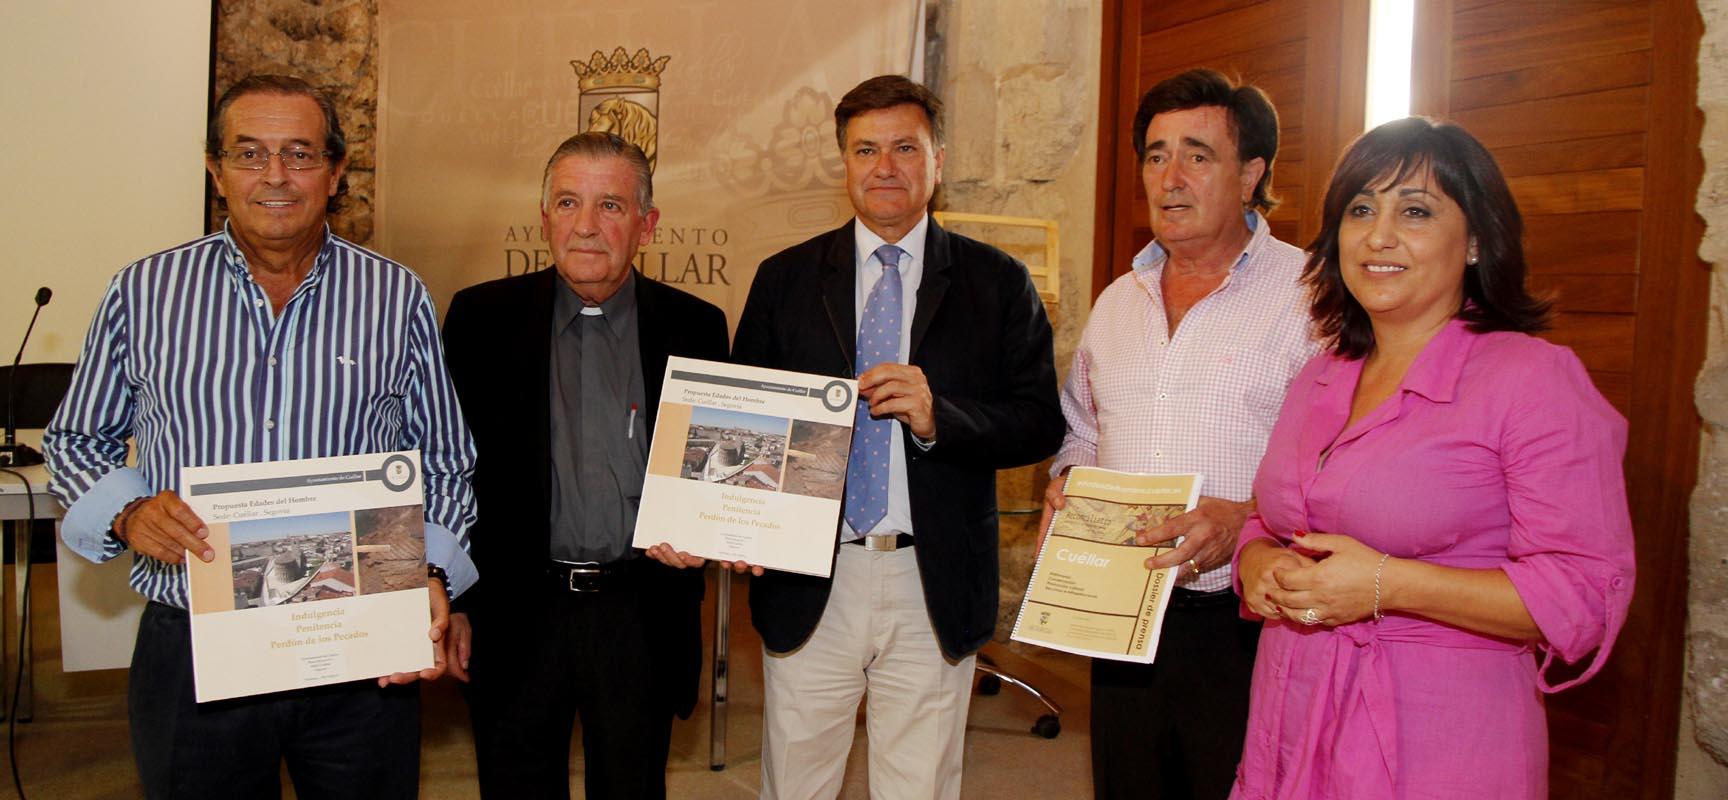 Representantes de la Diputación, Obispado y Ayuntamiento tras la presentación junto al proyecto cuellarano.